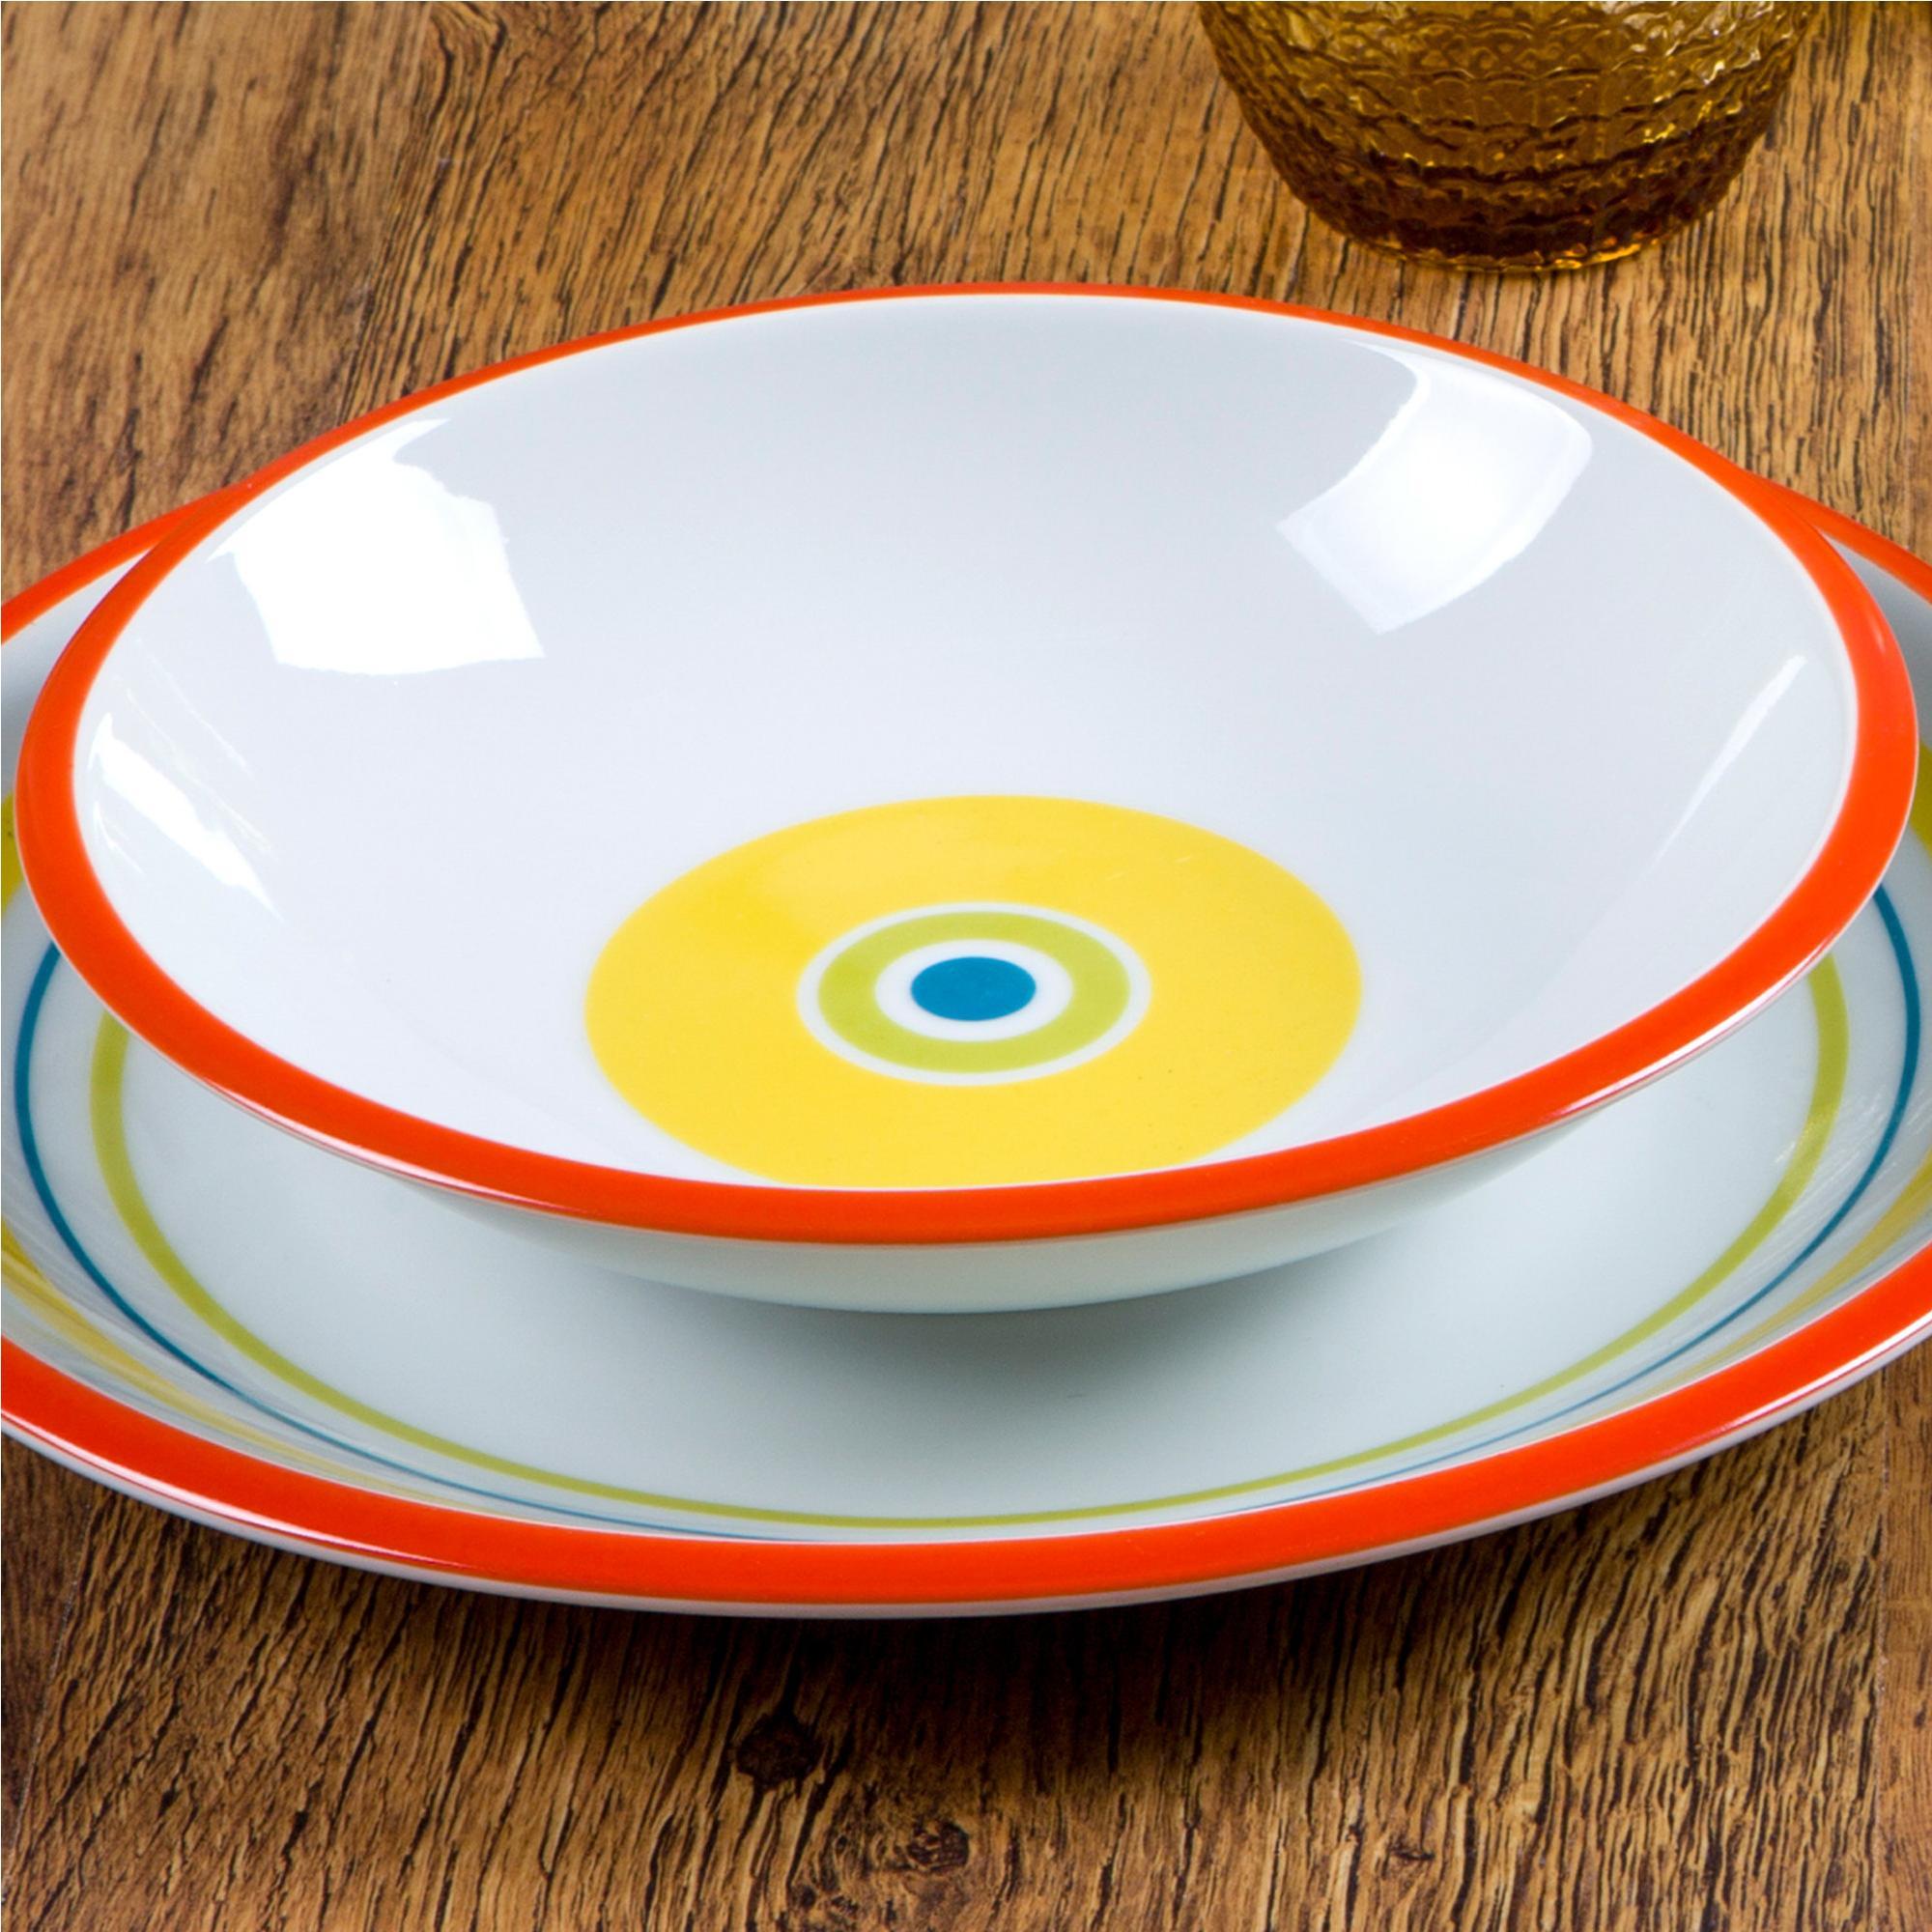 Piatti fondi in ceramica 6 pezzi SHEILA realizzati in ceramica decorata sottosmalto